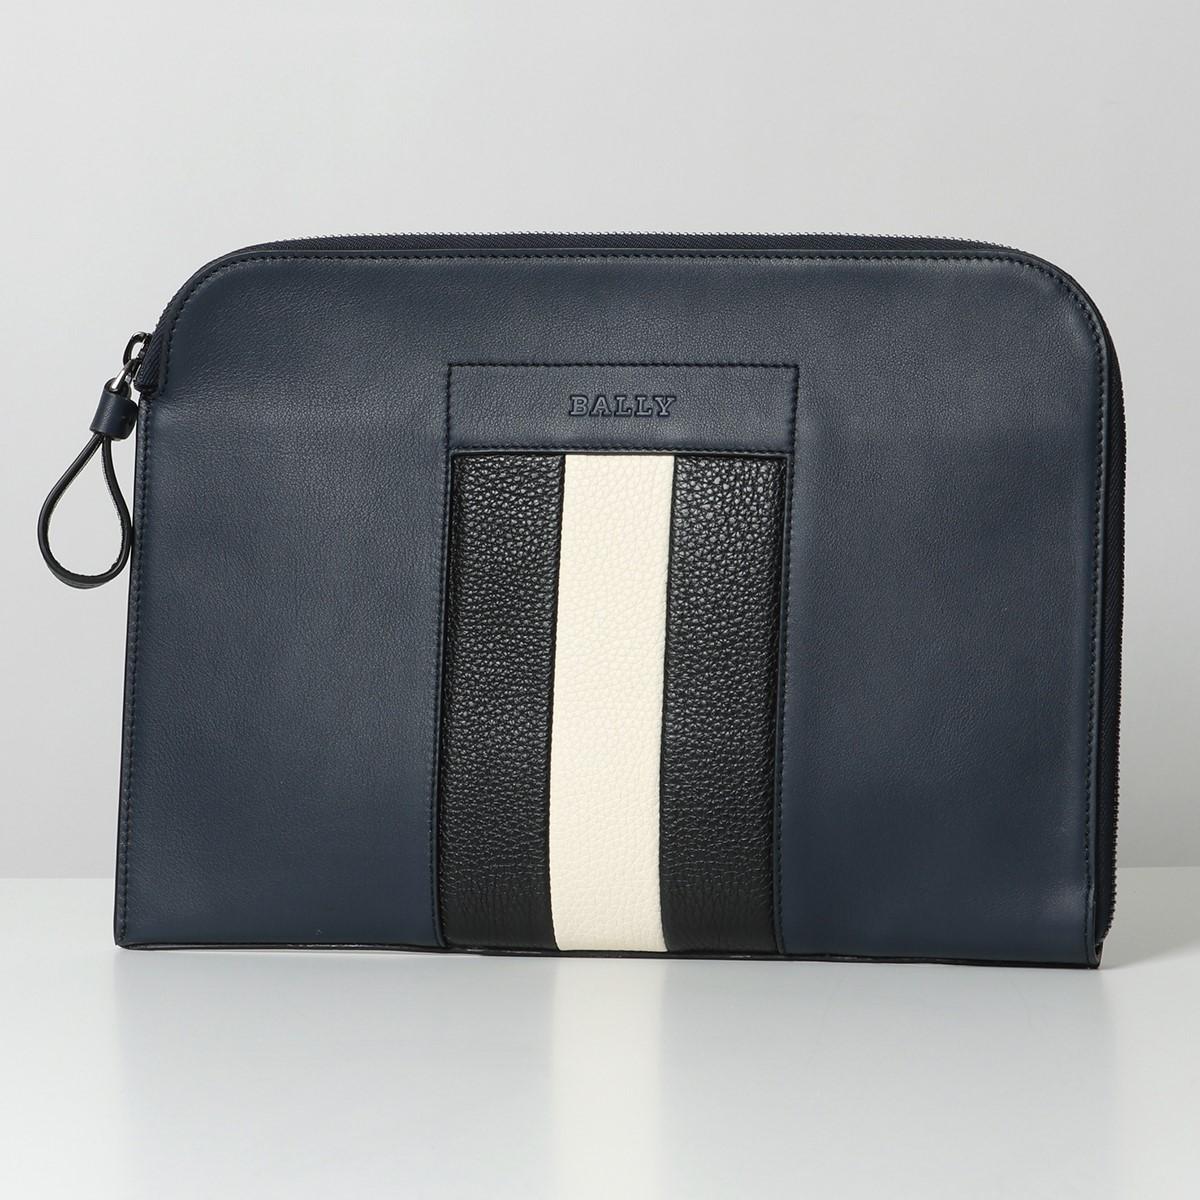 BALLY バリー BAIGH レザー クラッチバッグ ドキュメントケース 鞄 57/DARKNAVY14 メンズ